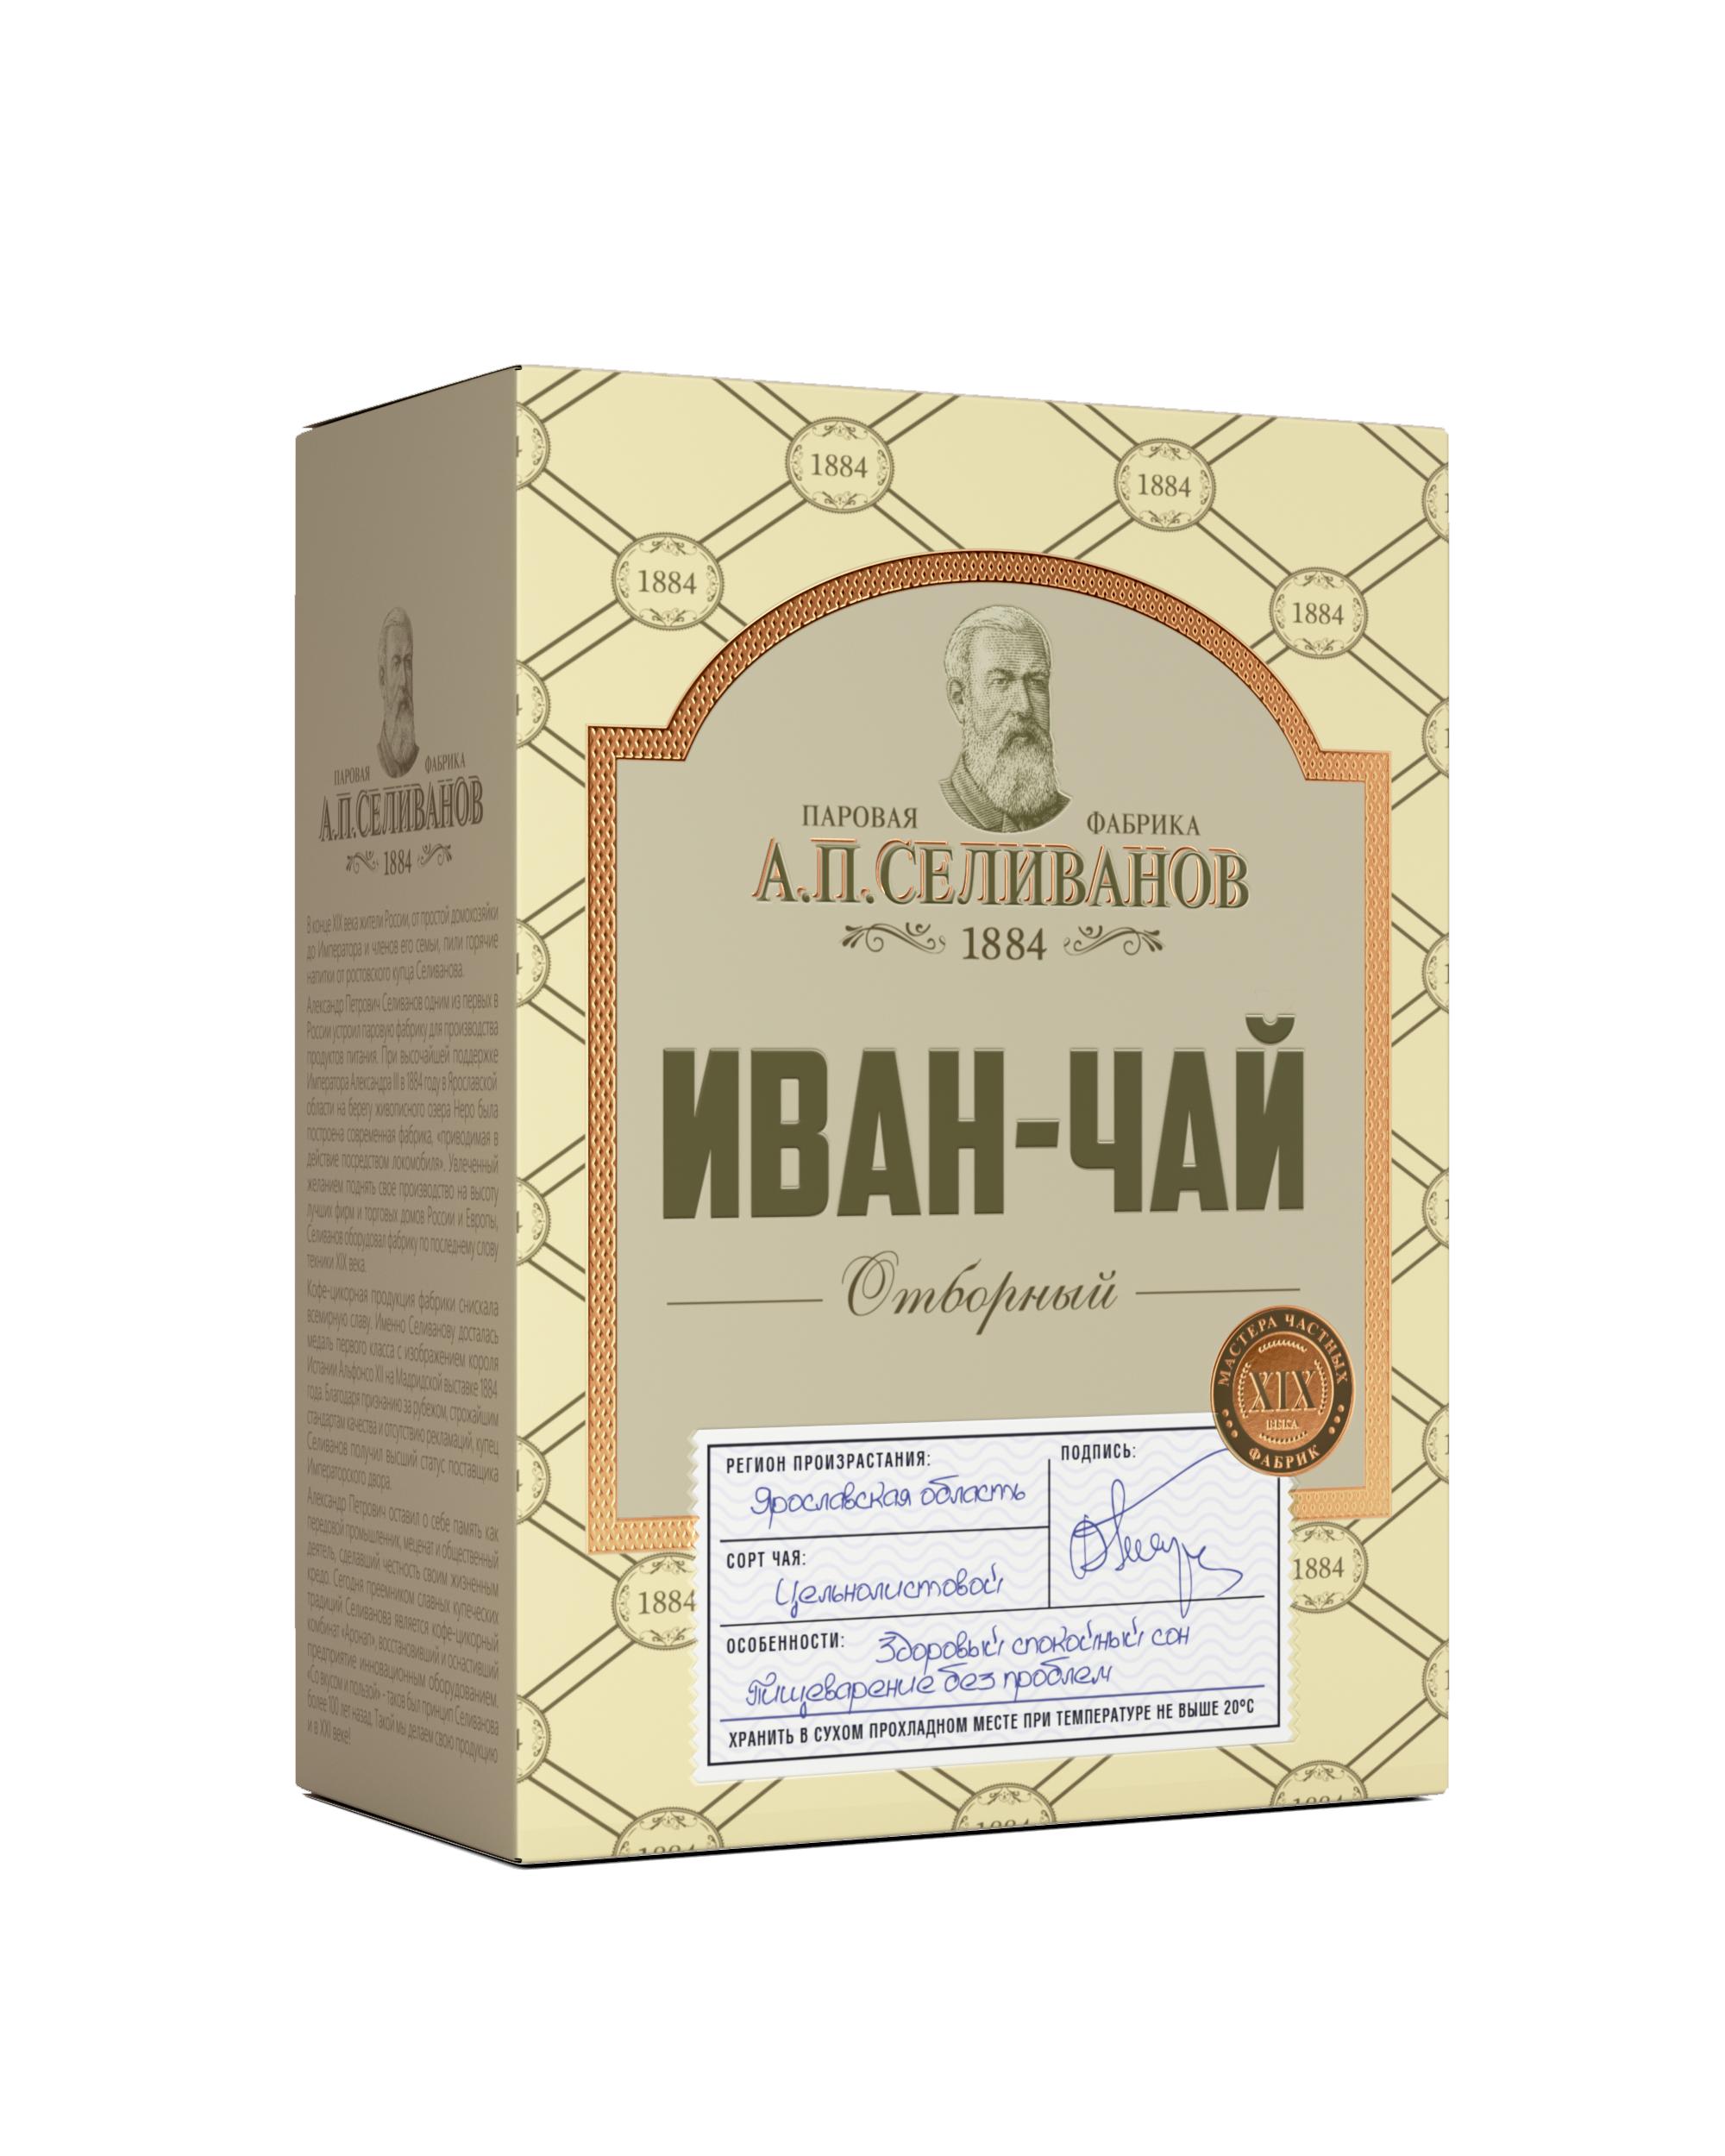 Картинка Иван-чай цельнолистовой А.П.СЕЛИВАНОВ